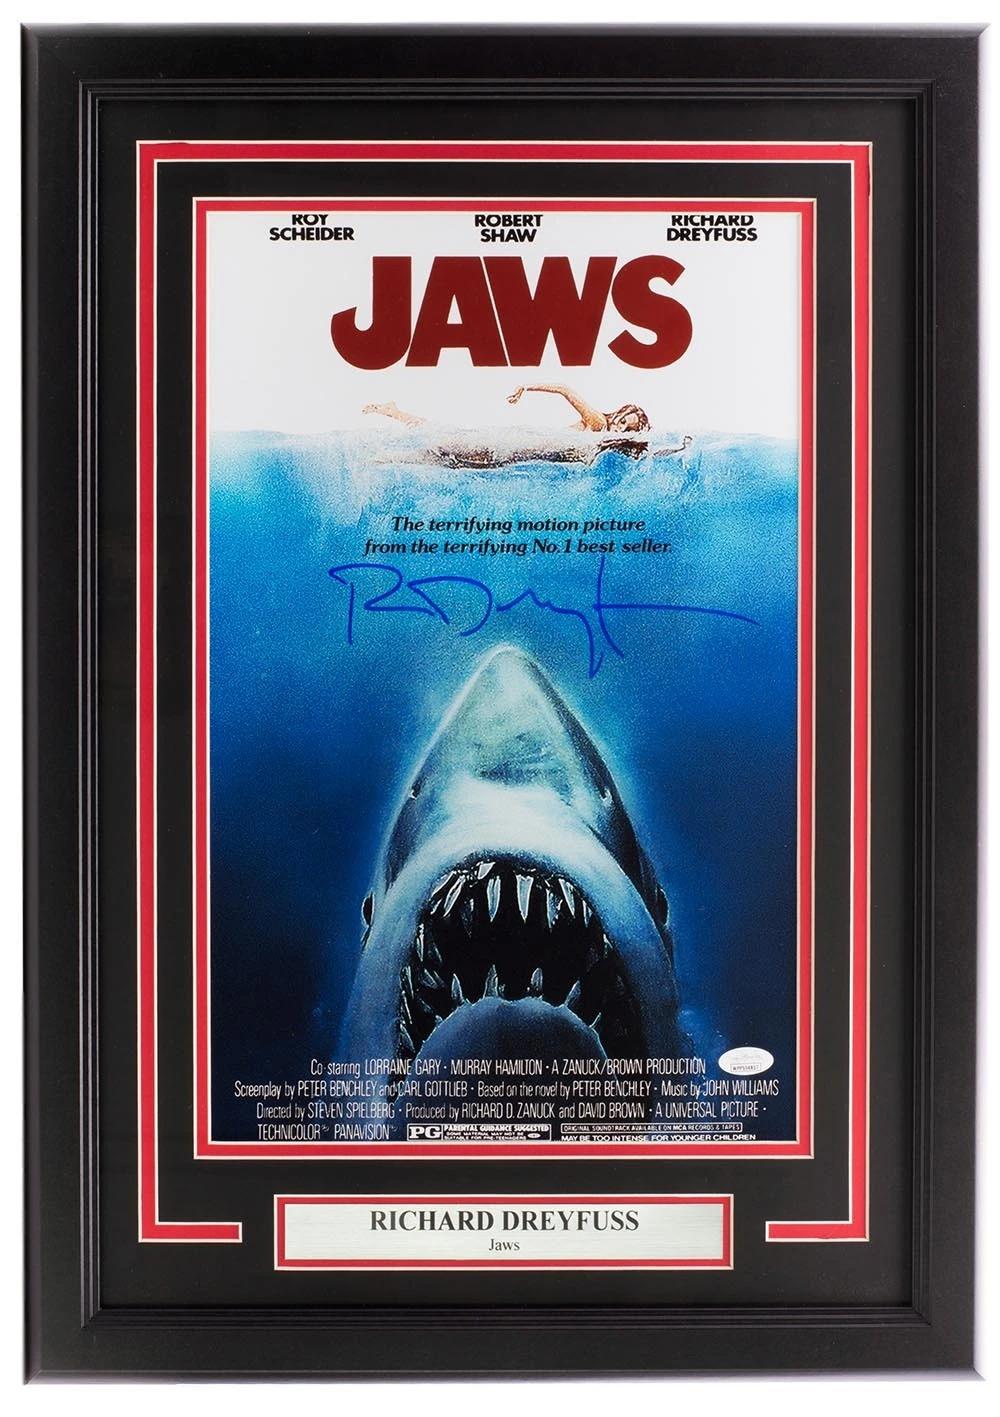 richard dreyfuss signed framed jaws